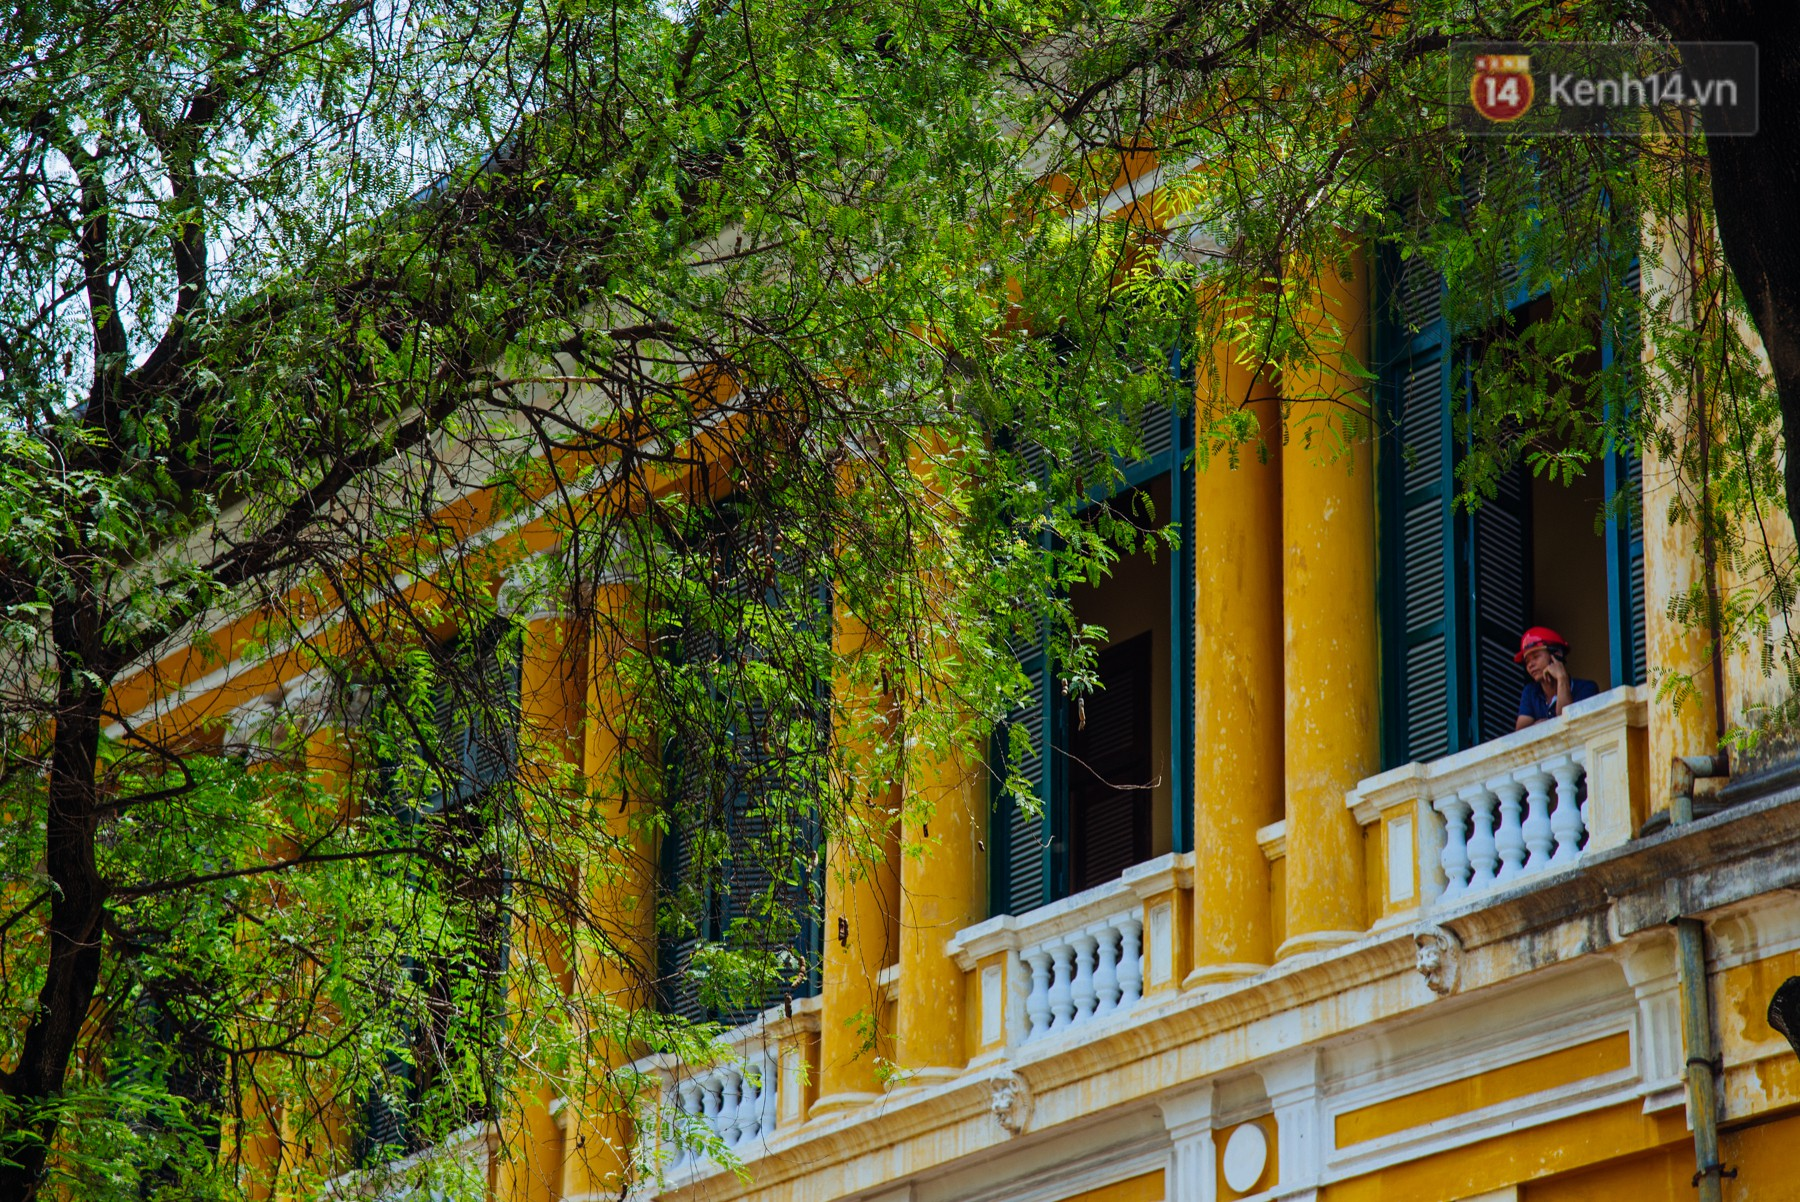 Có một mùa chua chua ngọt ngọt ở Sài Gòn: Mùa lá me bay gợi đầy ký ức - Ảnh 1.